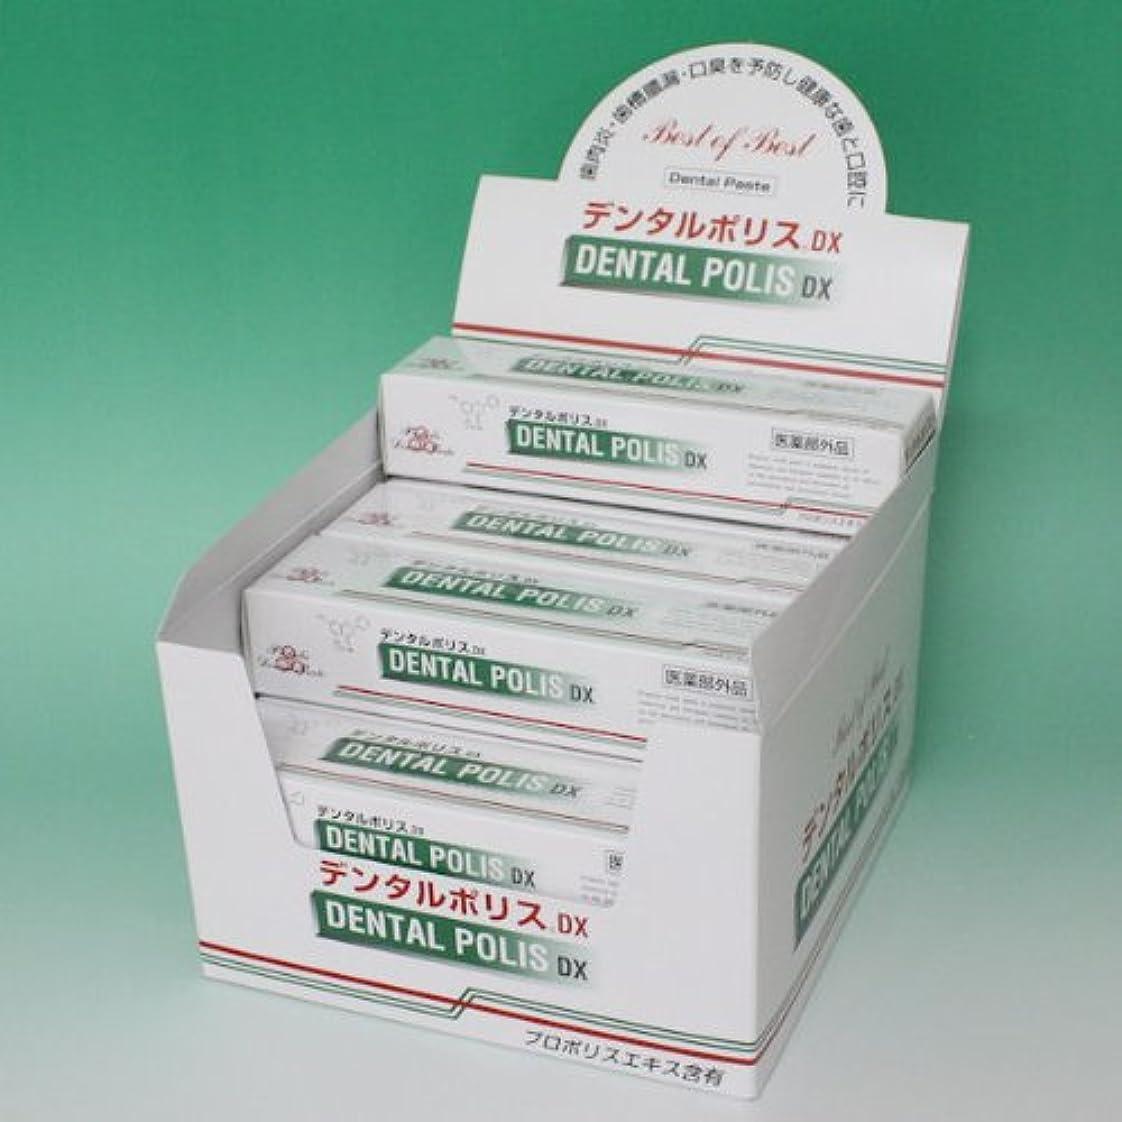 精算一時的願望デンタルポリスDX 80g  12本セット 医薬部外品  歯みがき 8gサンプル2本 進呈!